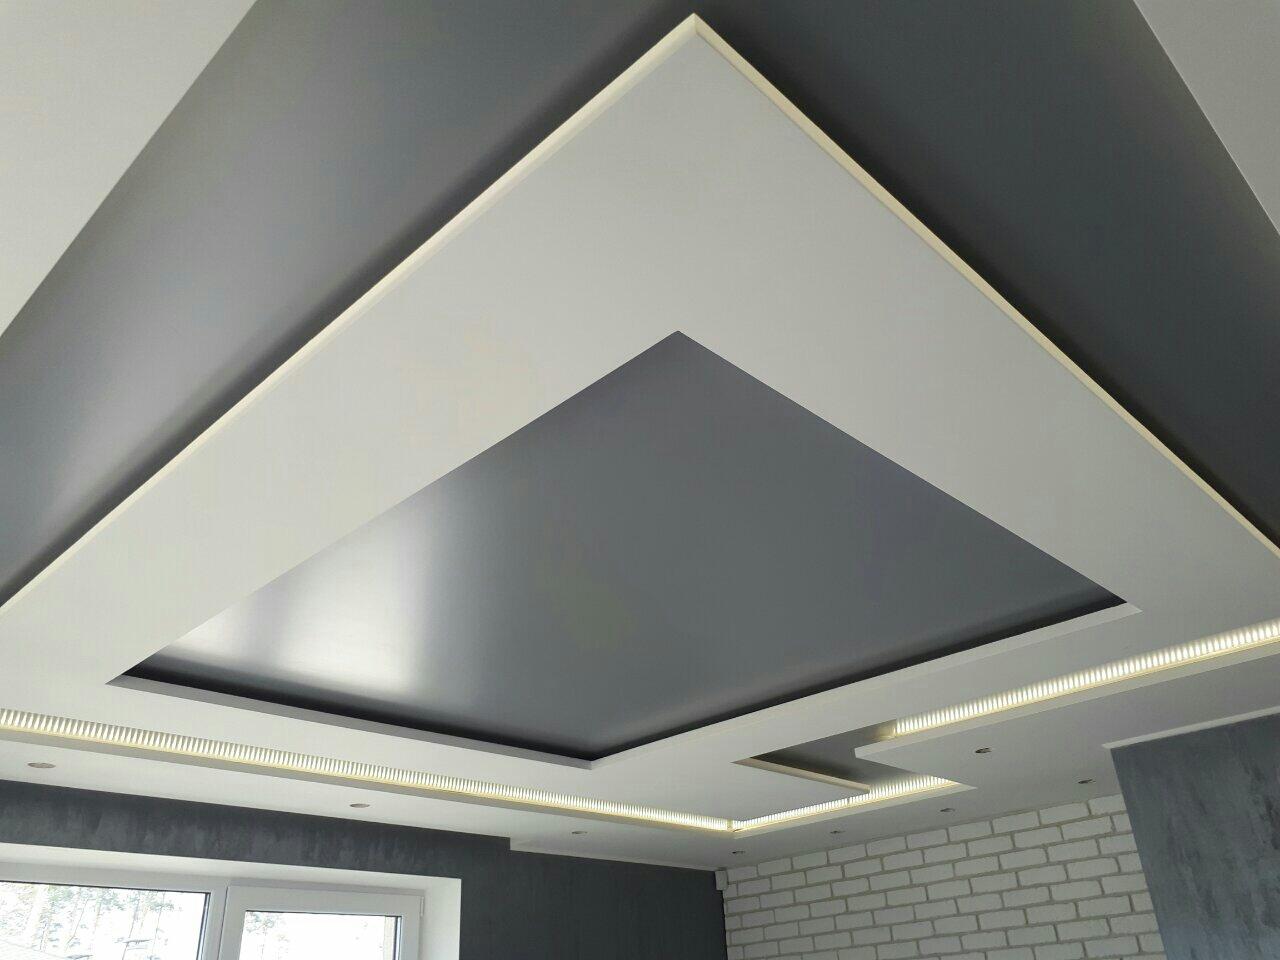 Потолок светлых тонов геометрической формы, площадь комнаты 25 кв.м